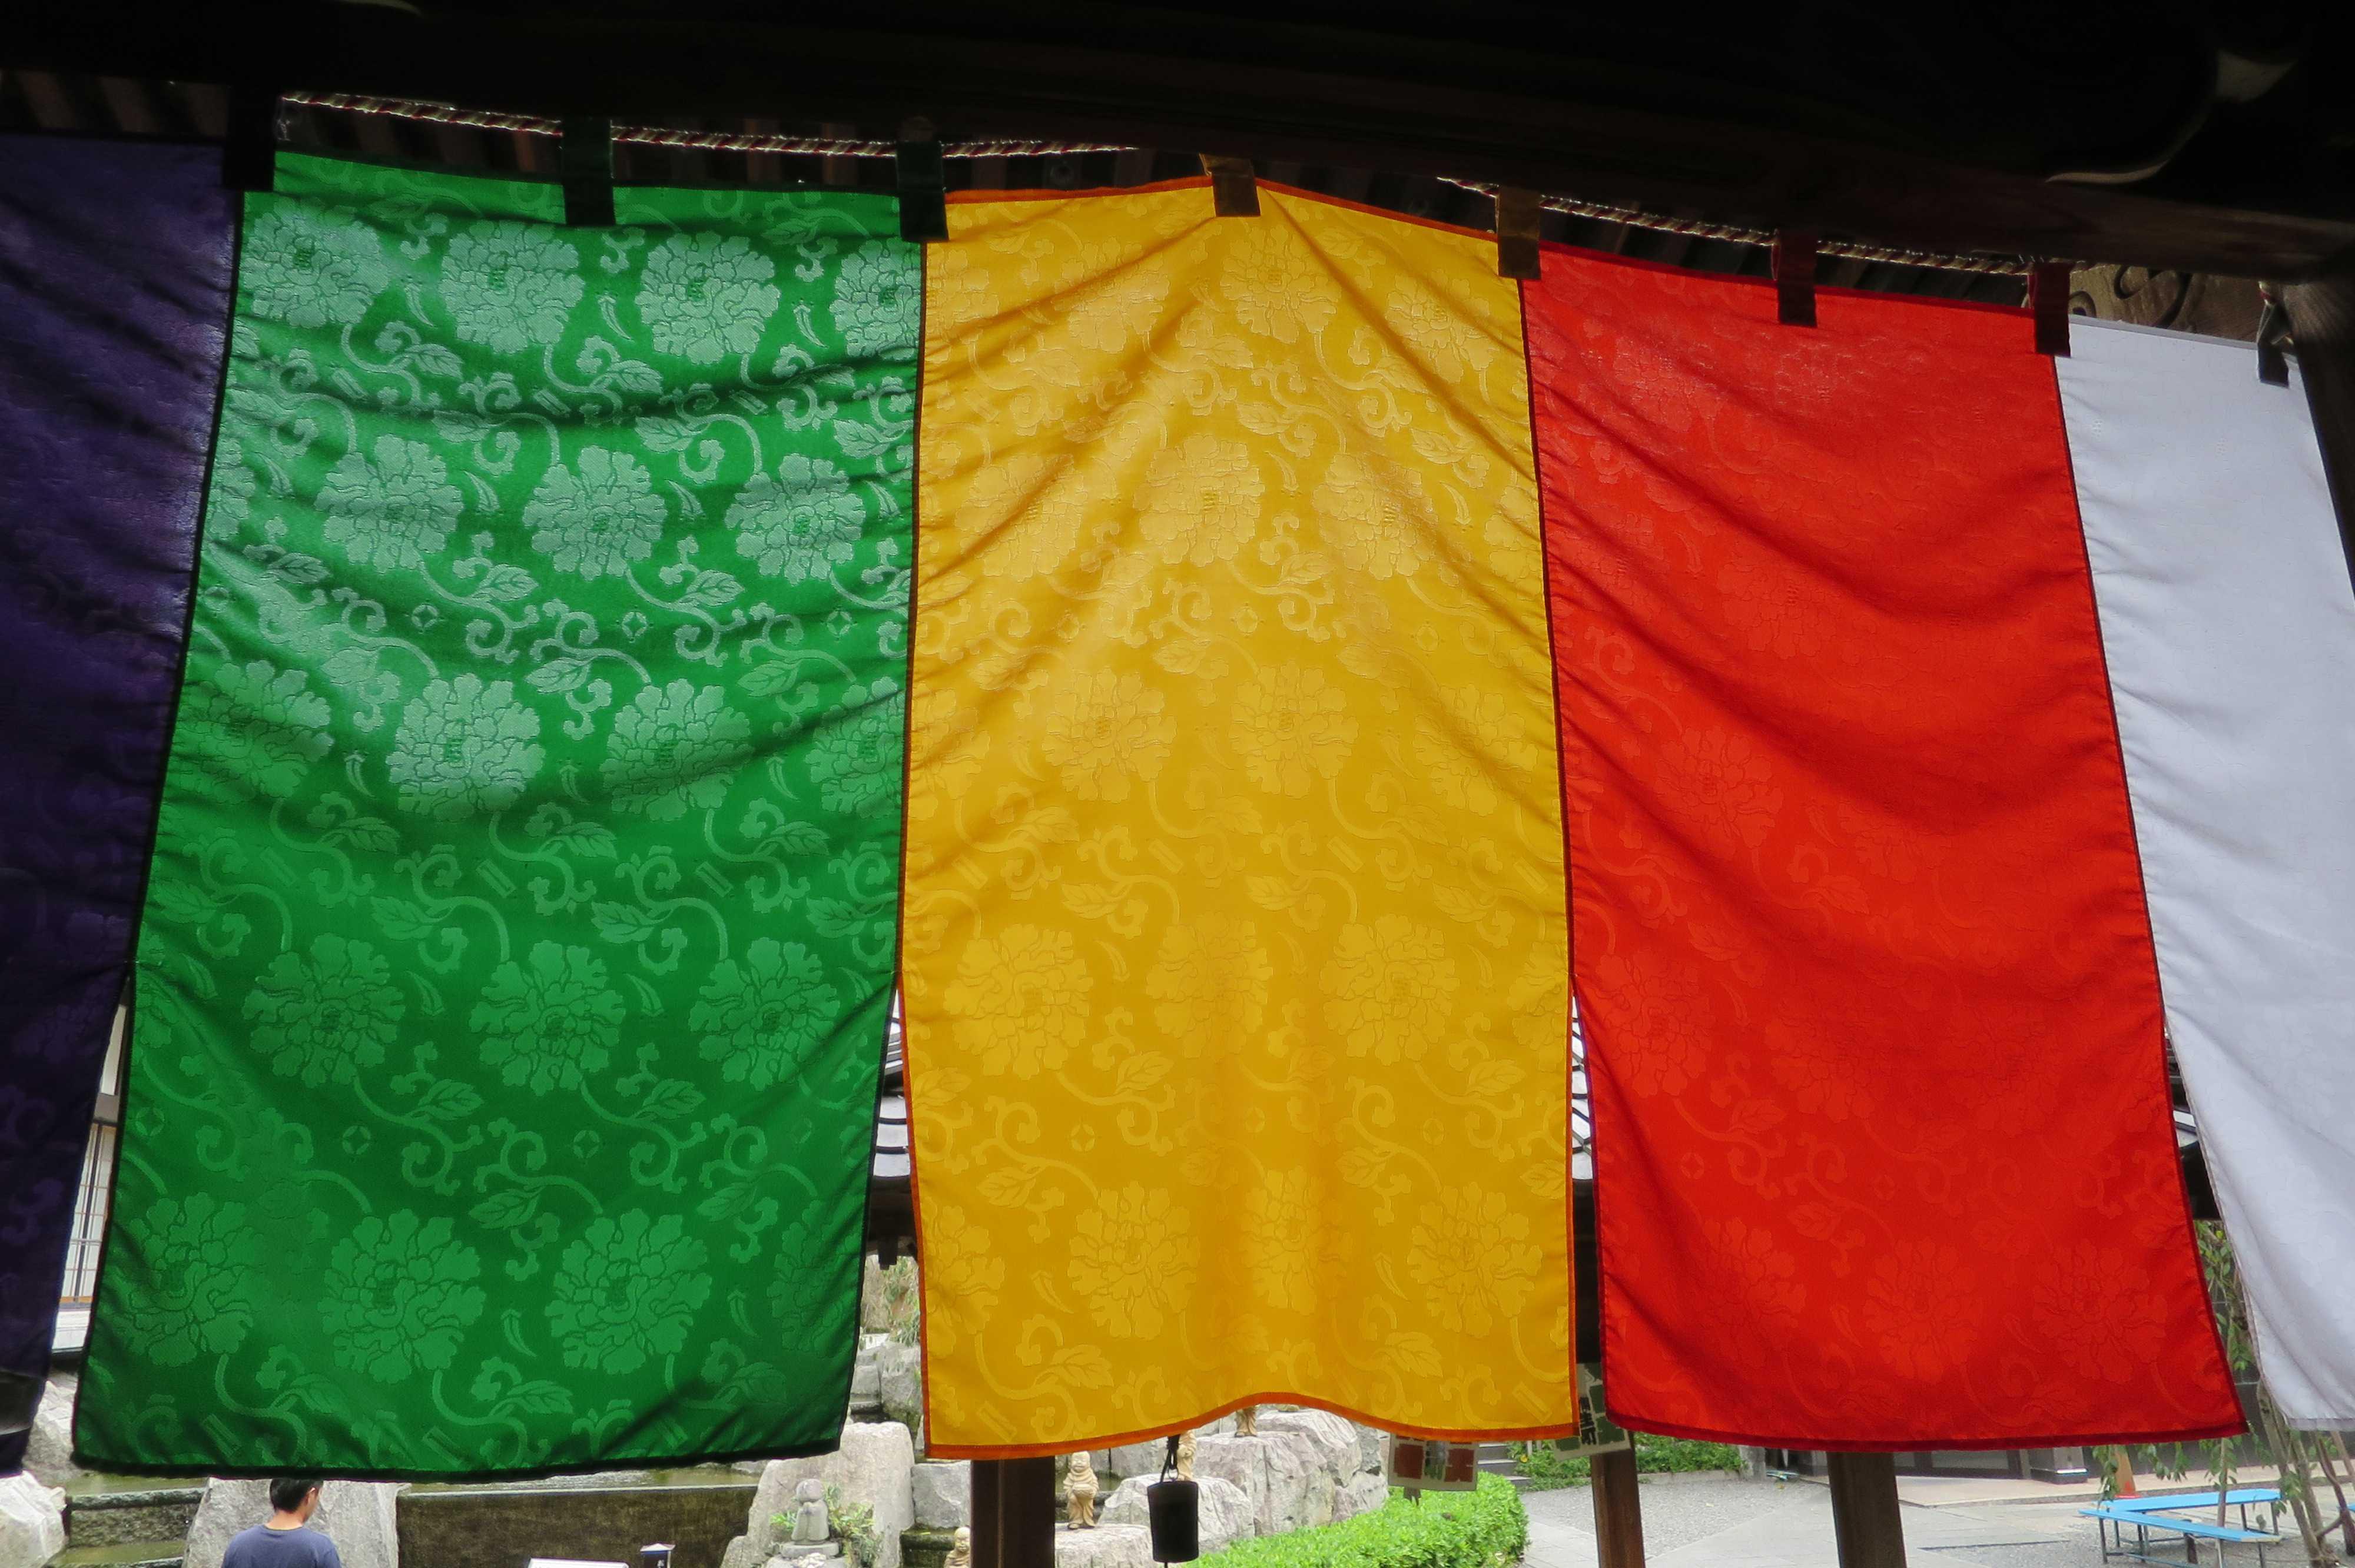 京都・六角堂本堂内から見た五色幕